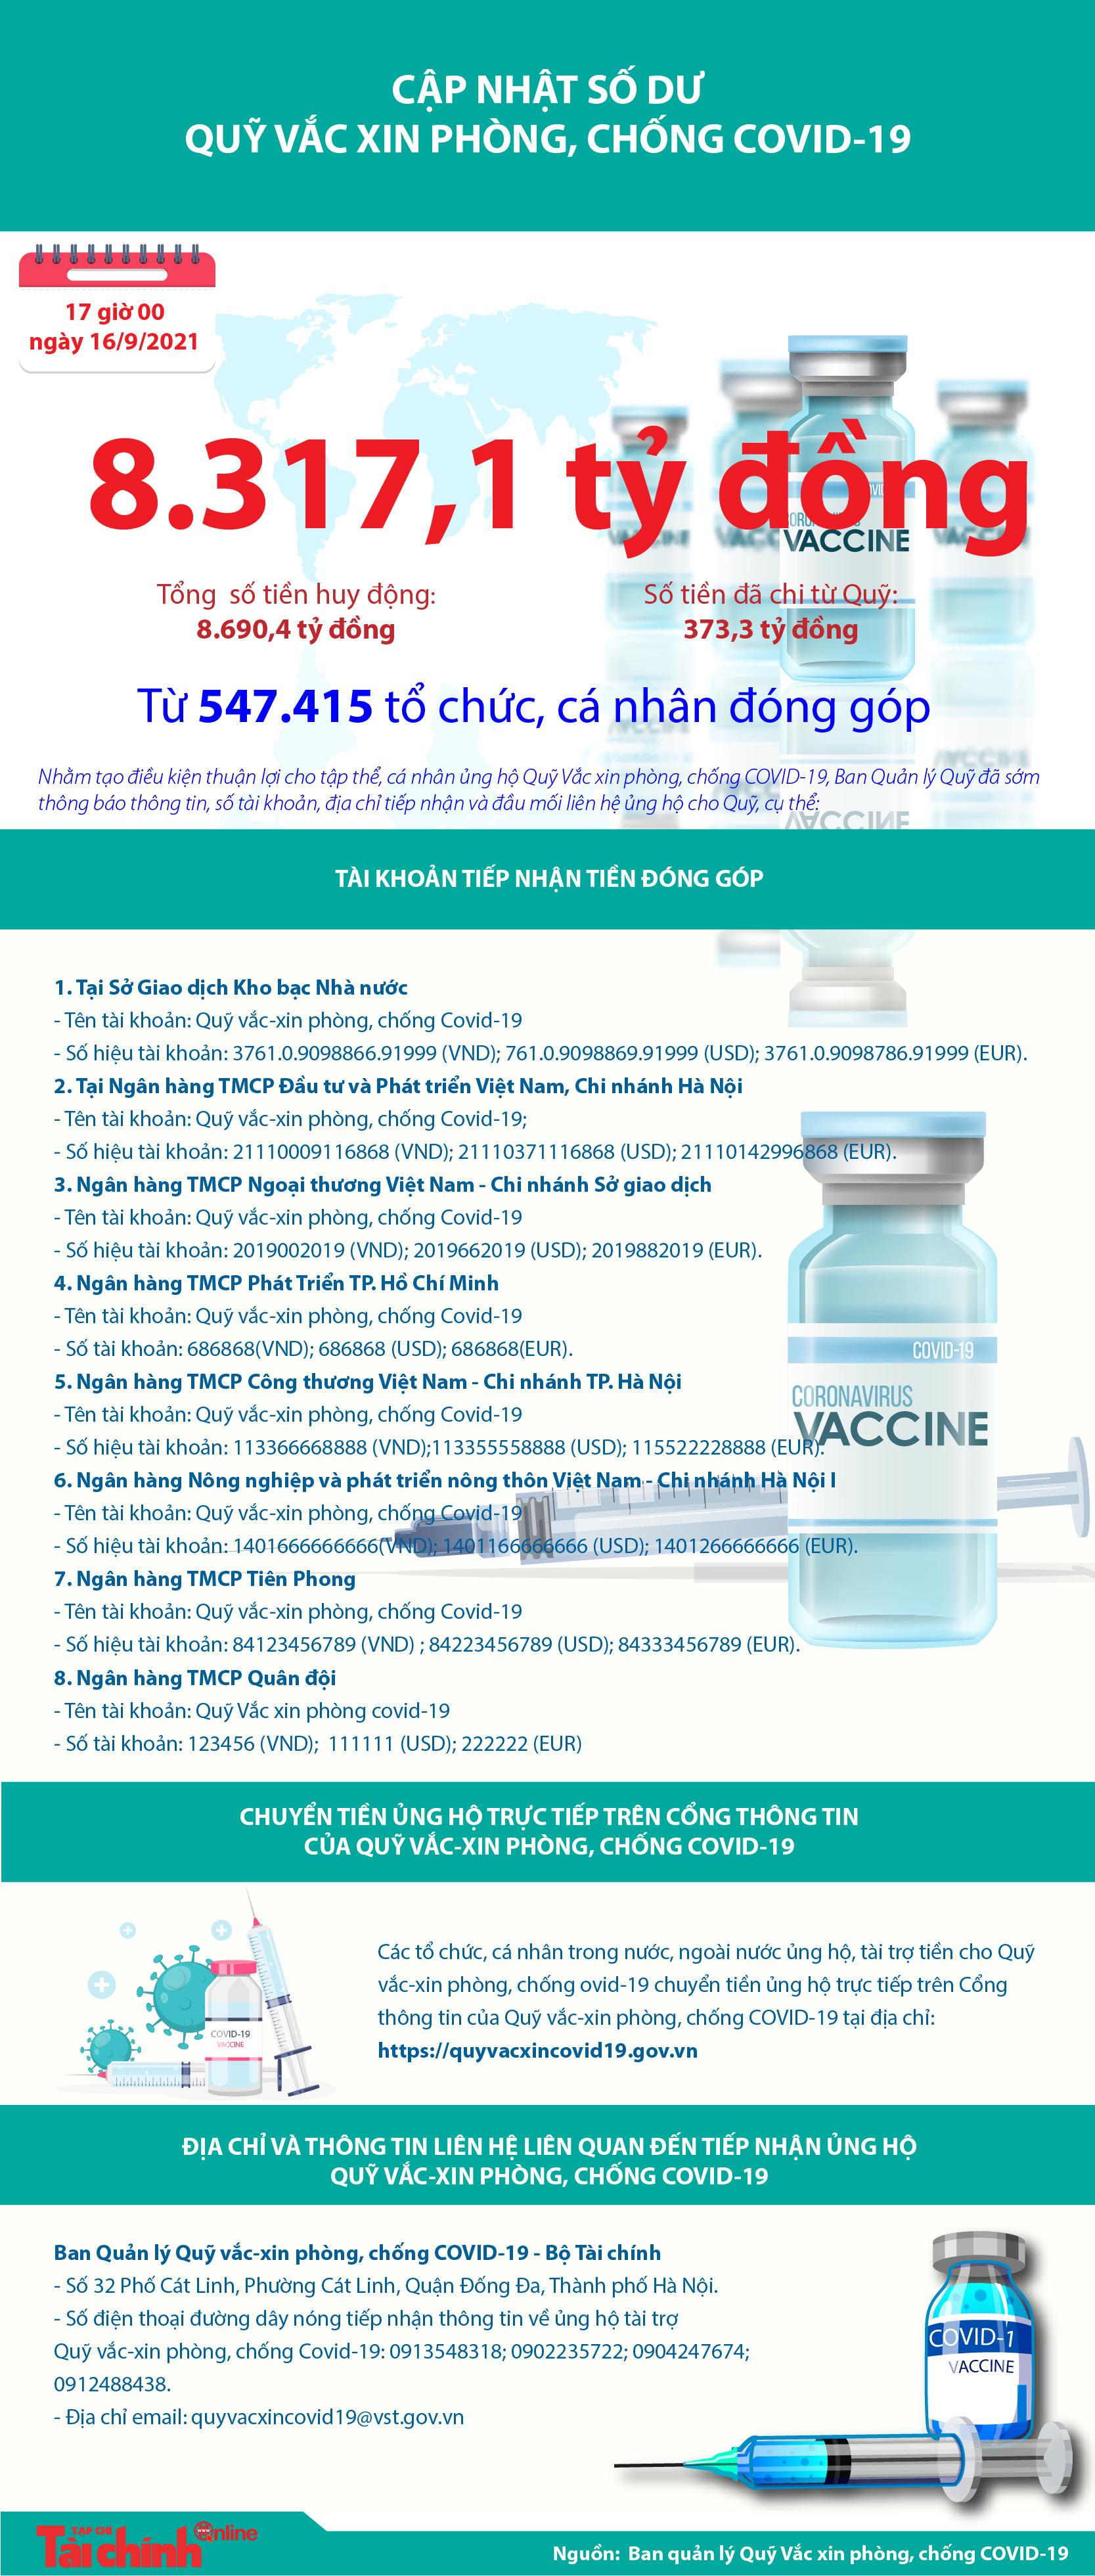 [Infographics] Quỹ Vắc xin phòng, chống COVID-19 còn dư 8.317,1 tỷ đồng - Ảnh 1